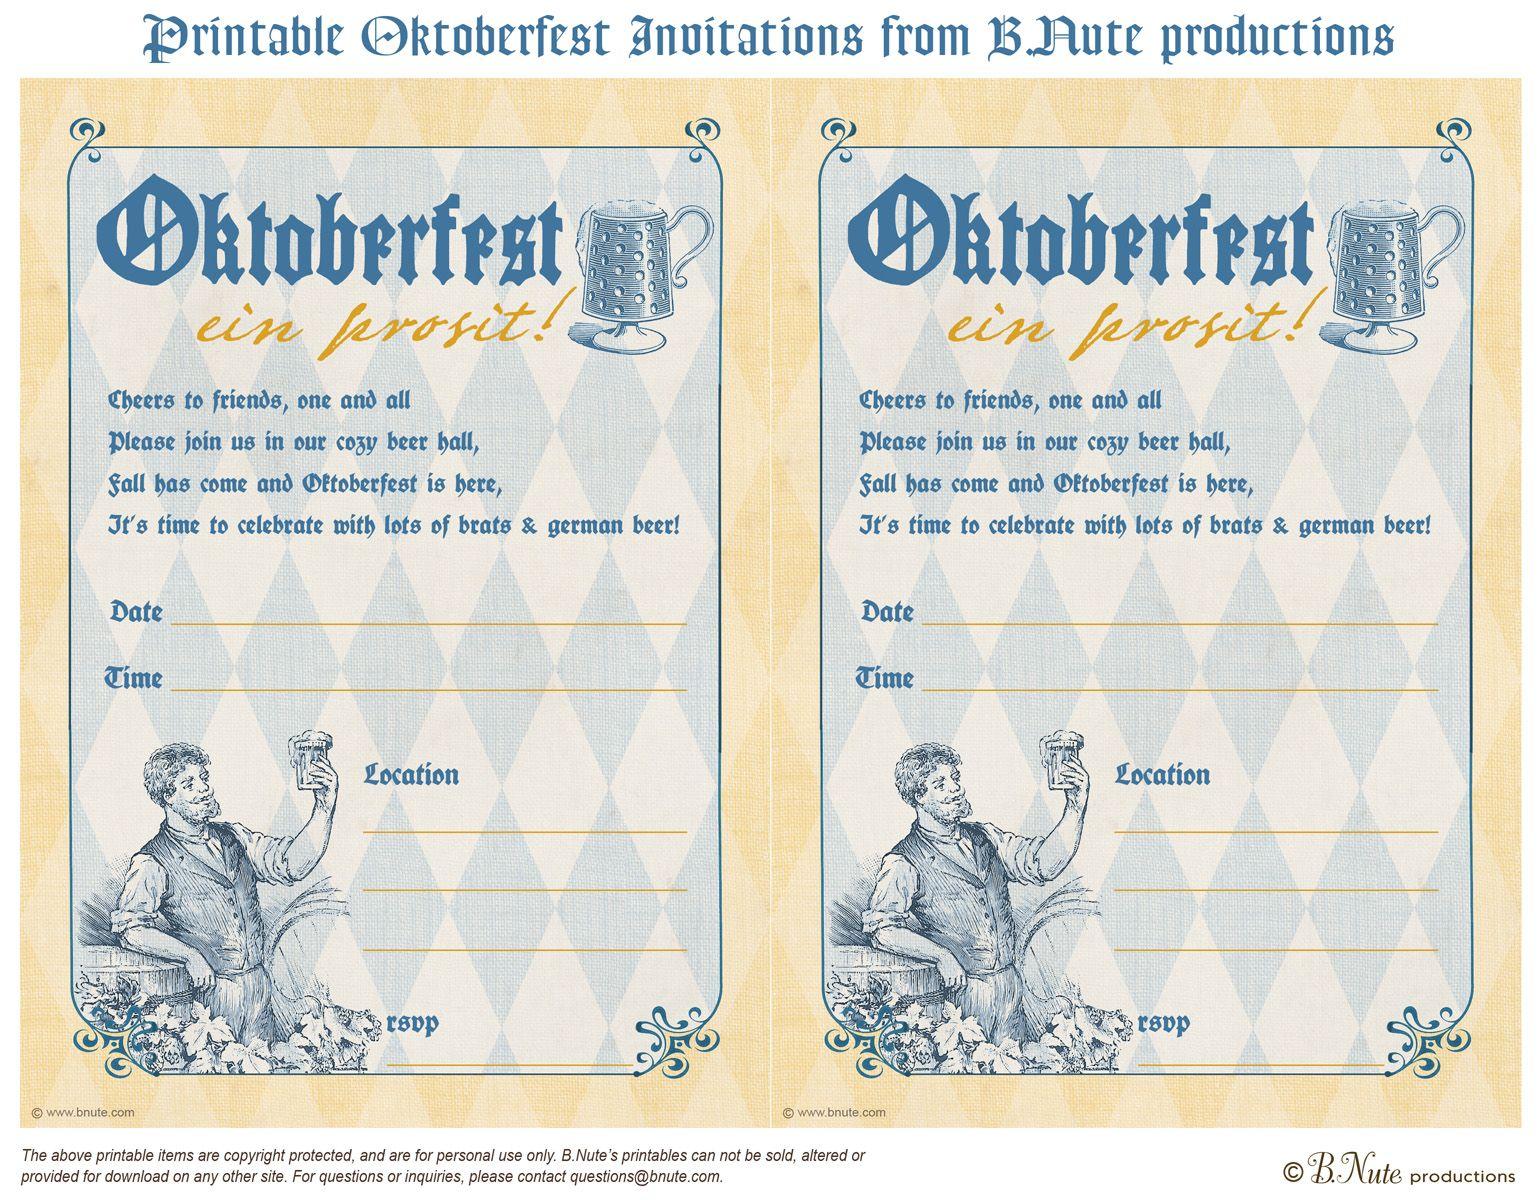 Free Printable Oktoberfest Invitations